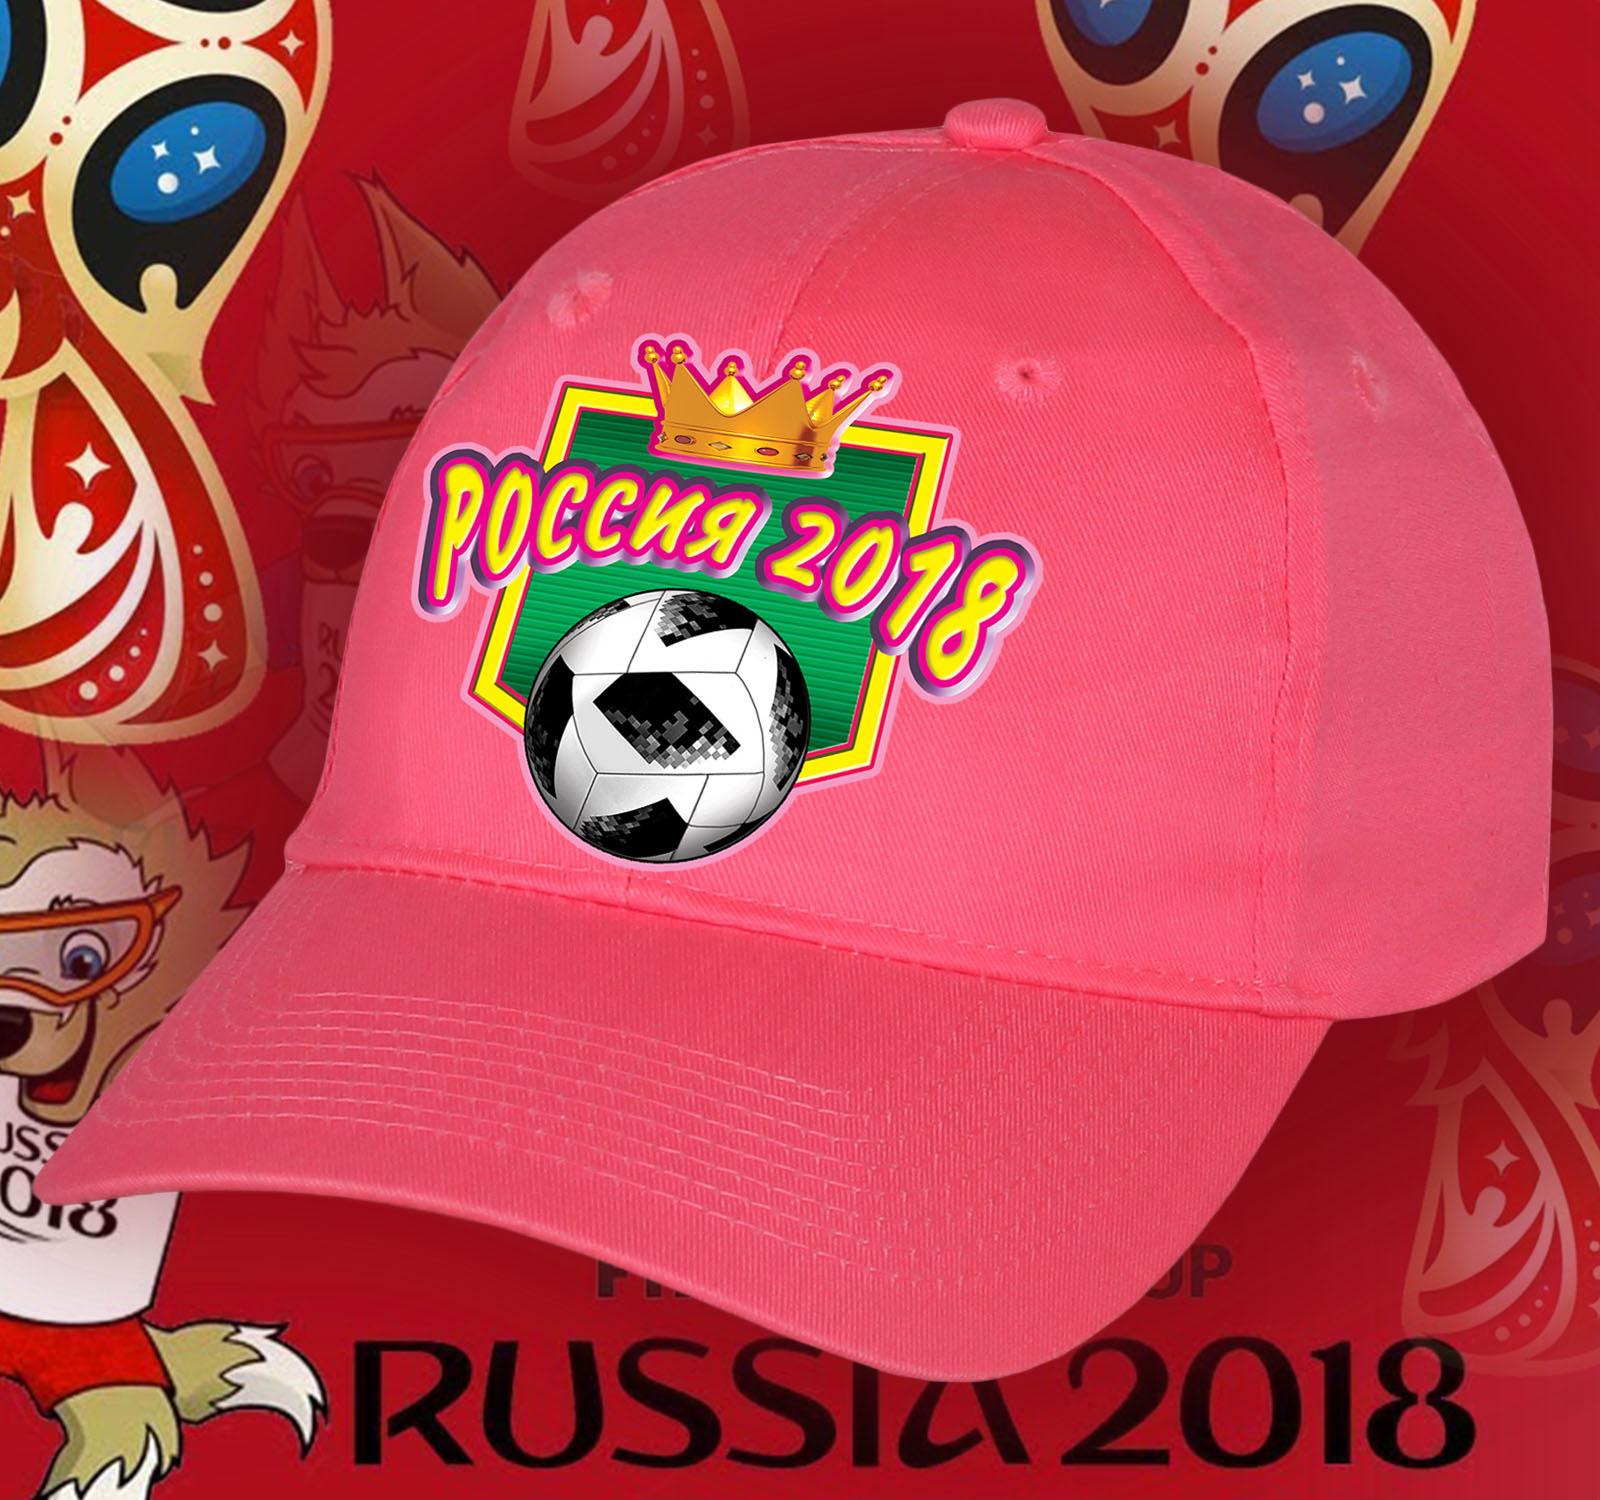 Розовая фанатская бейсболка Россия 2018.